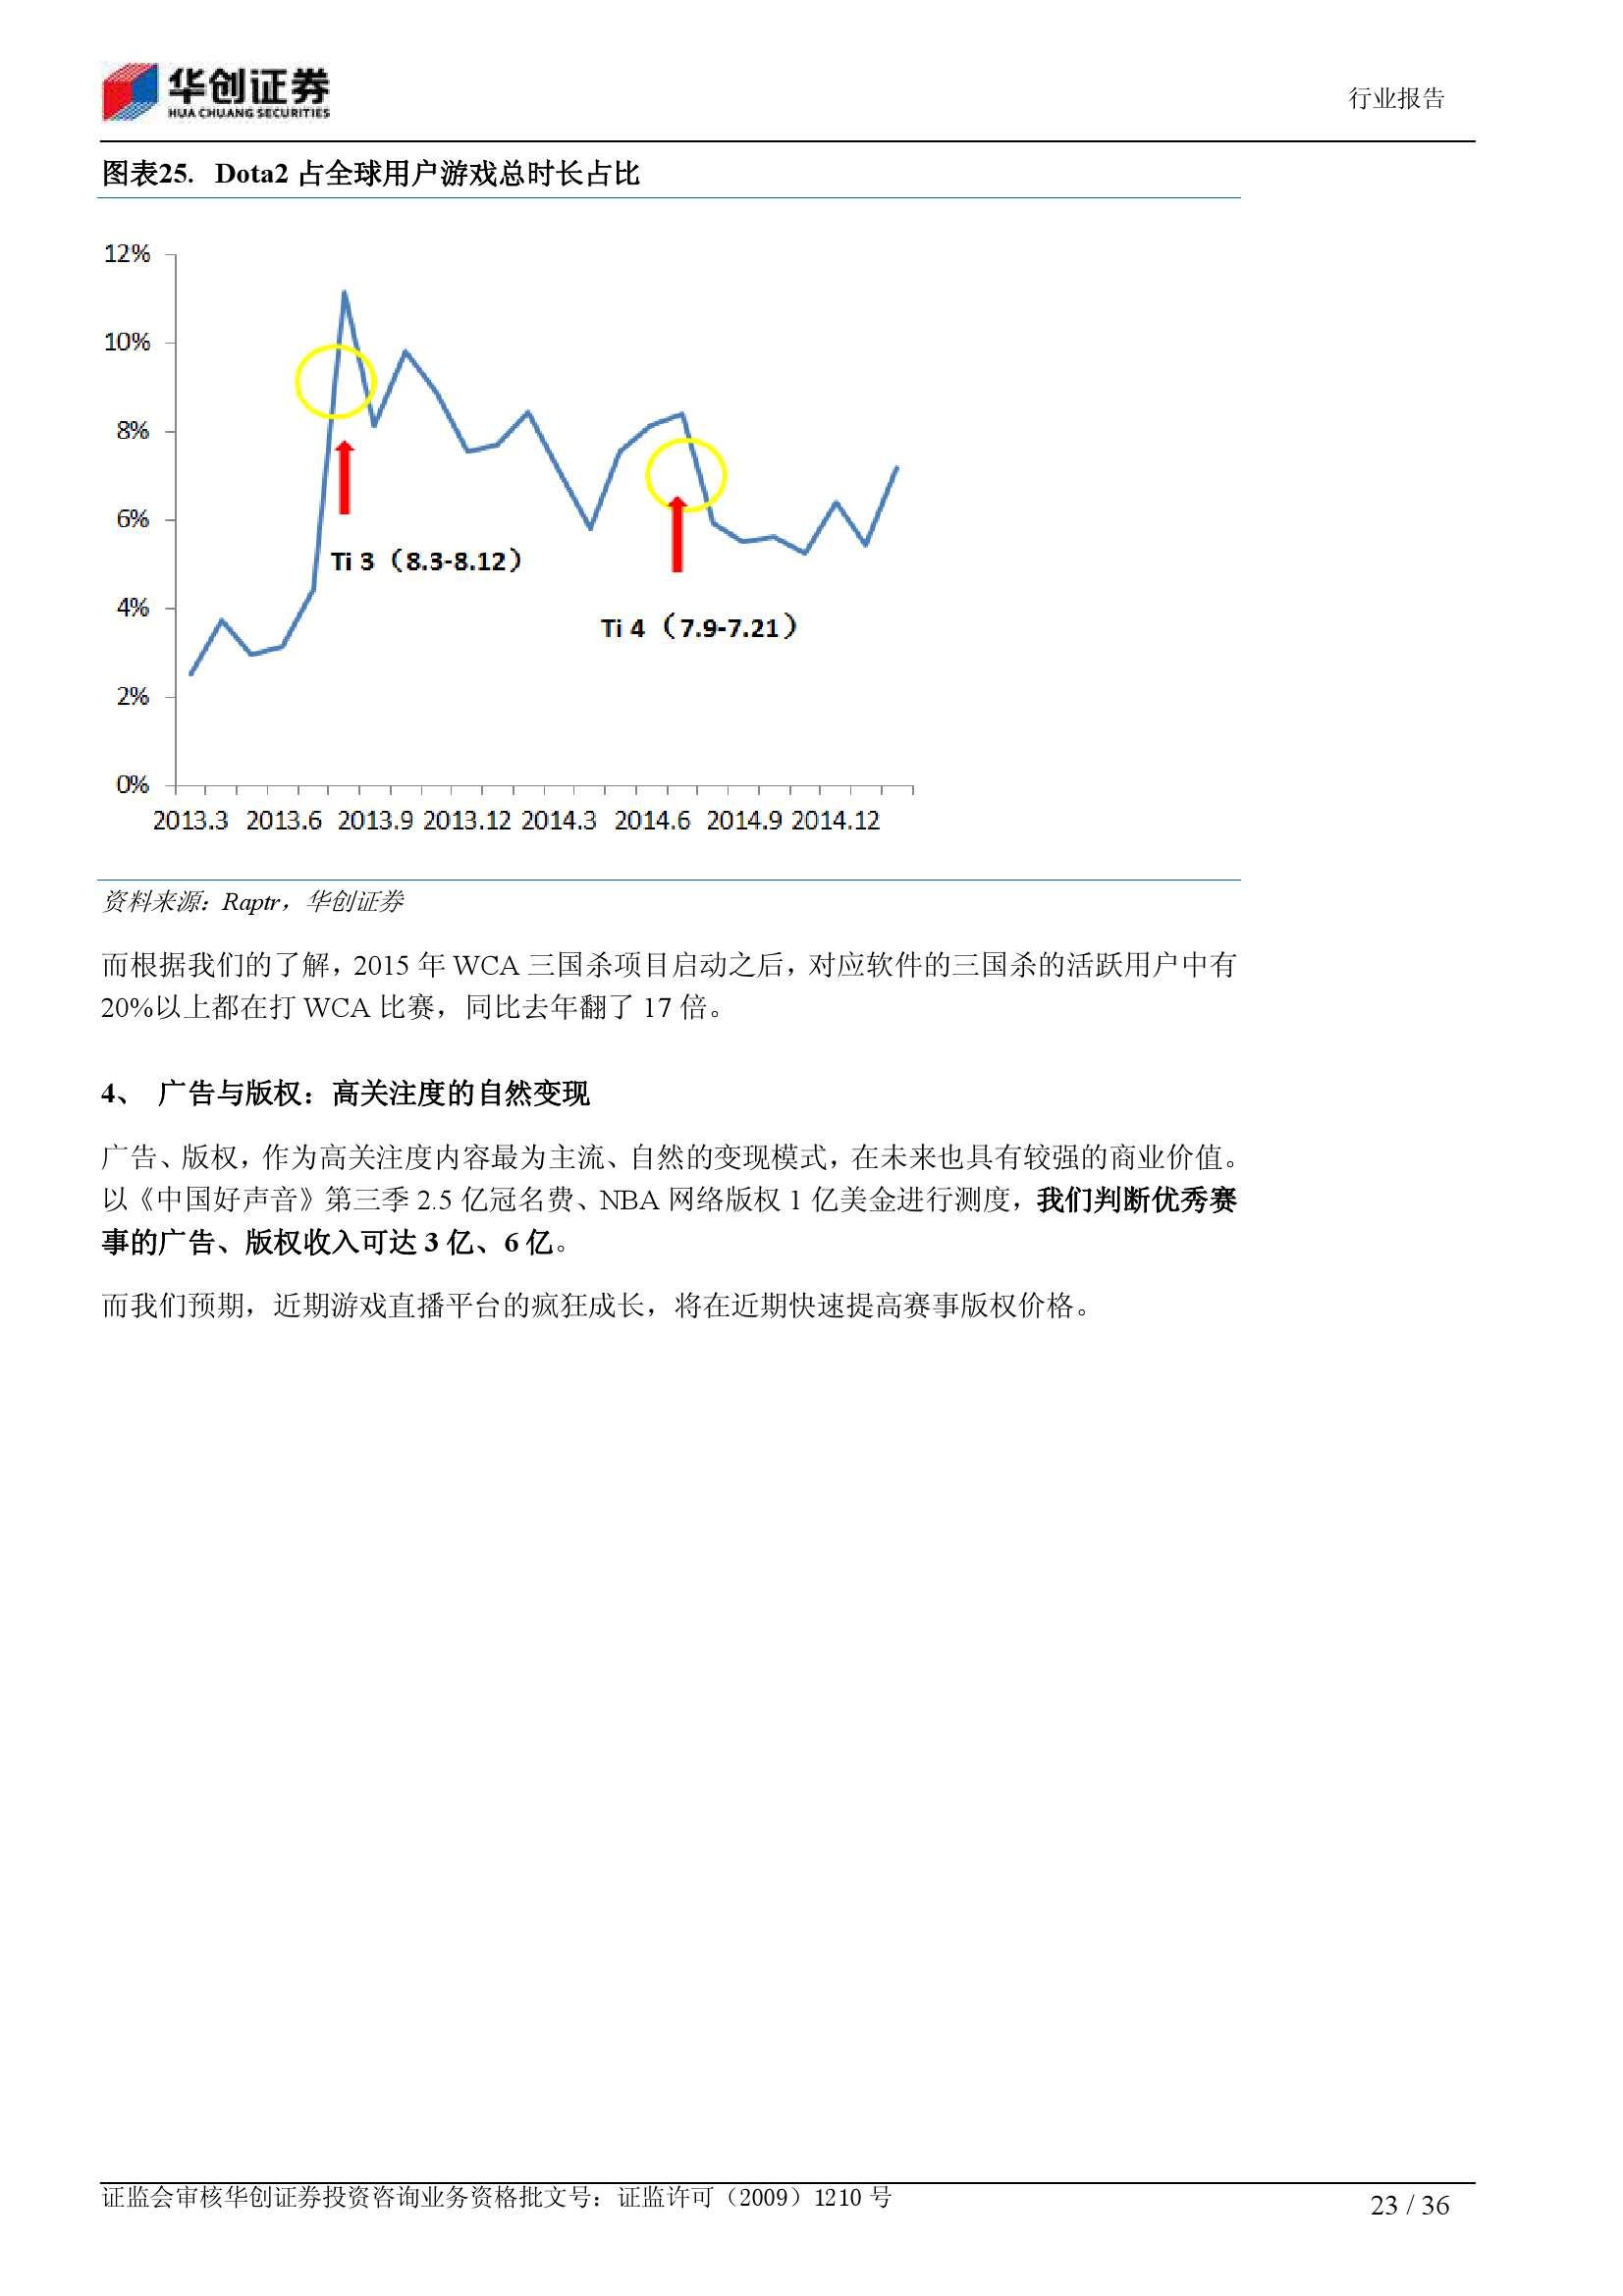 电子竞技深度报告:从小众娱乐 到千亿产业_000023